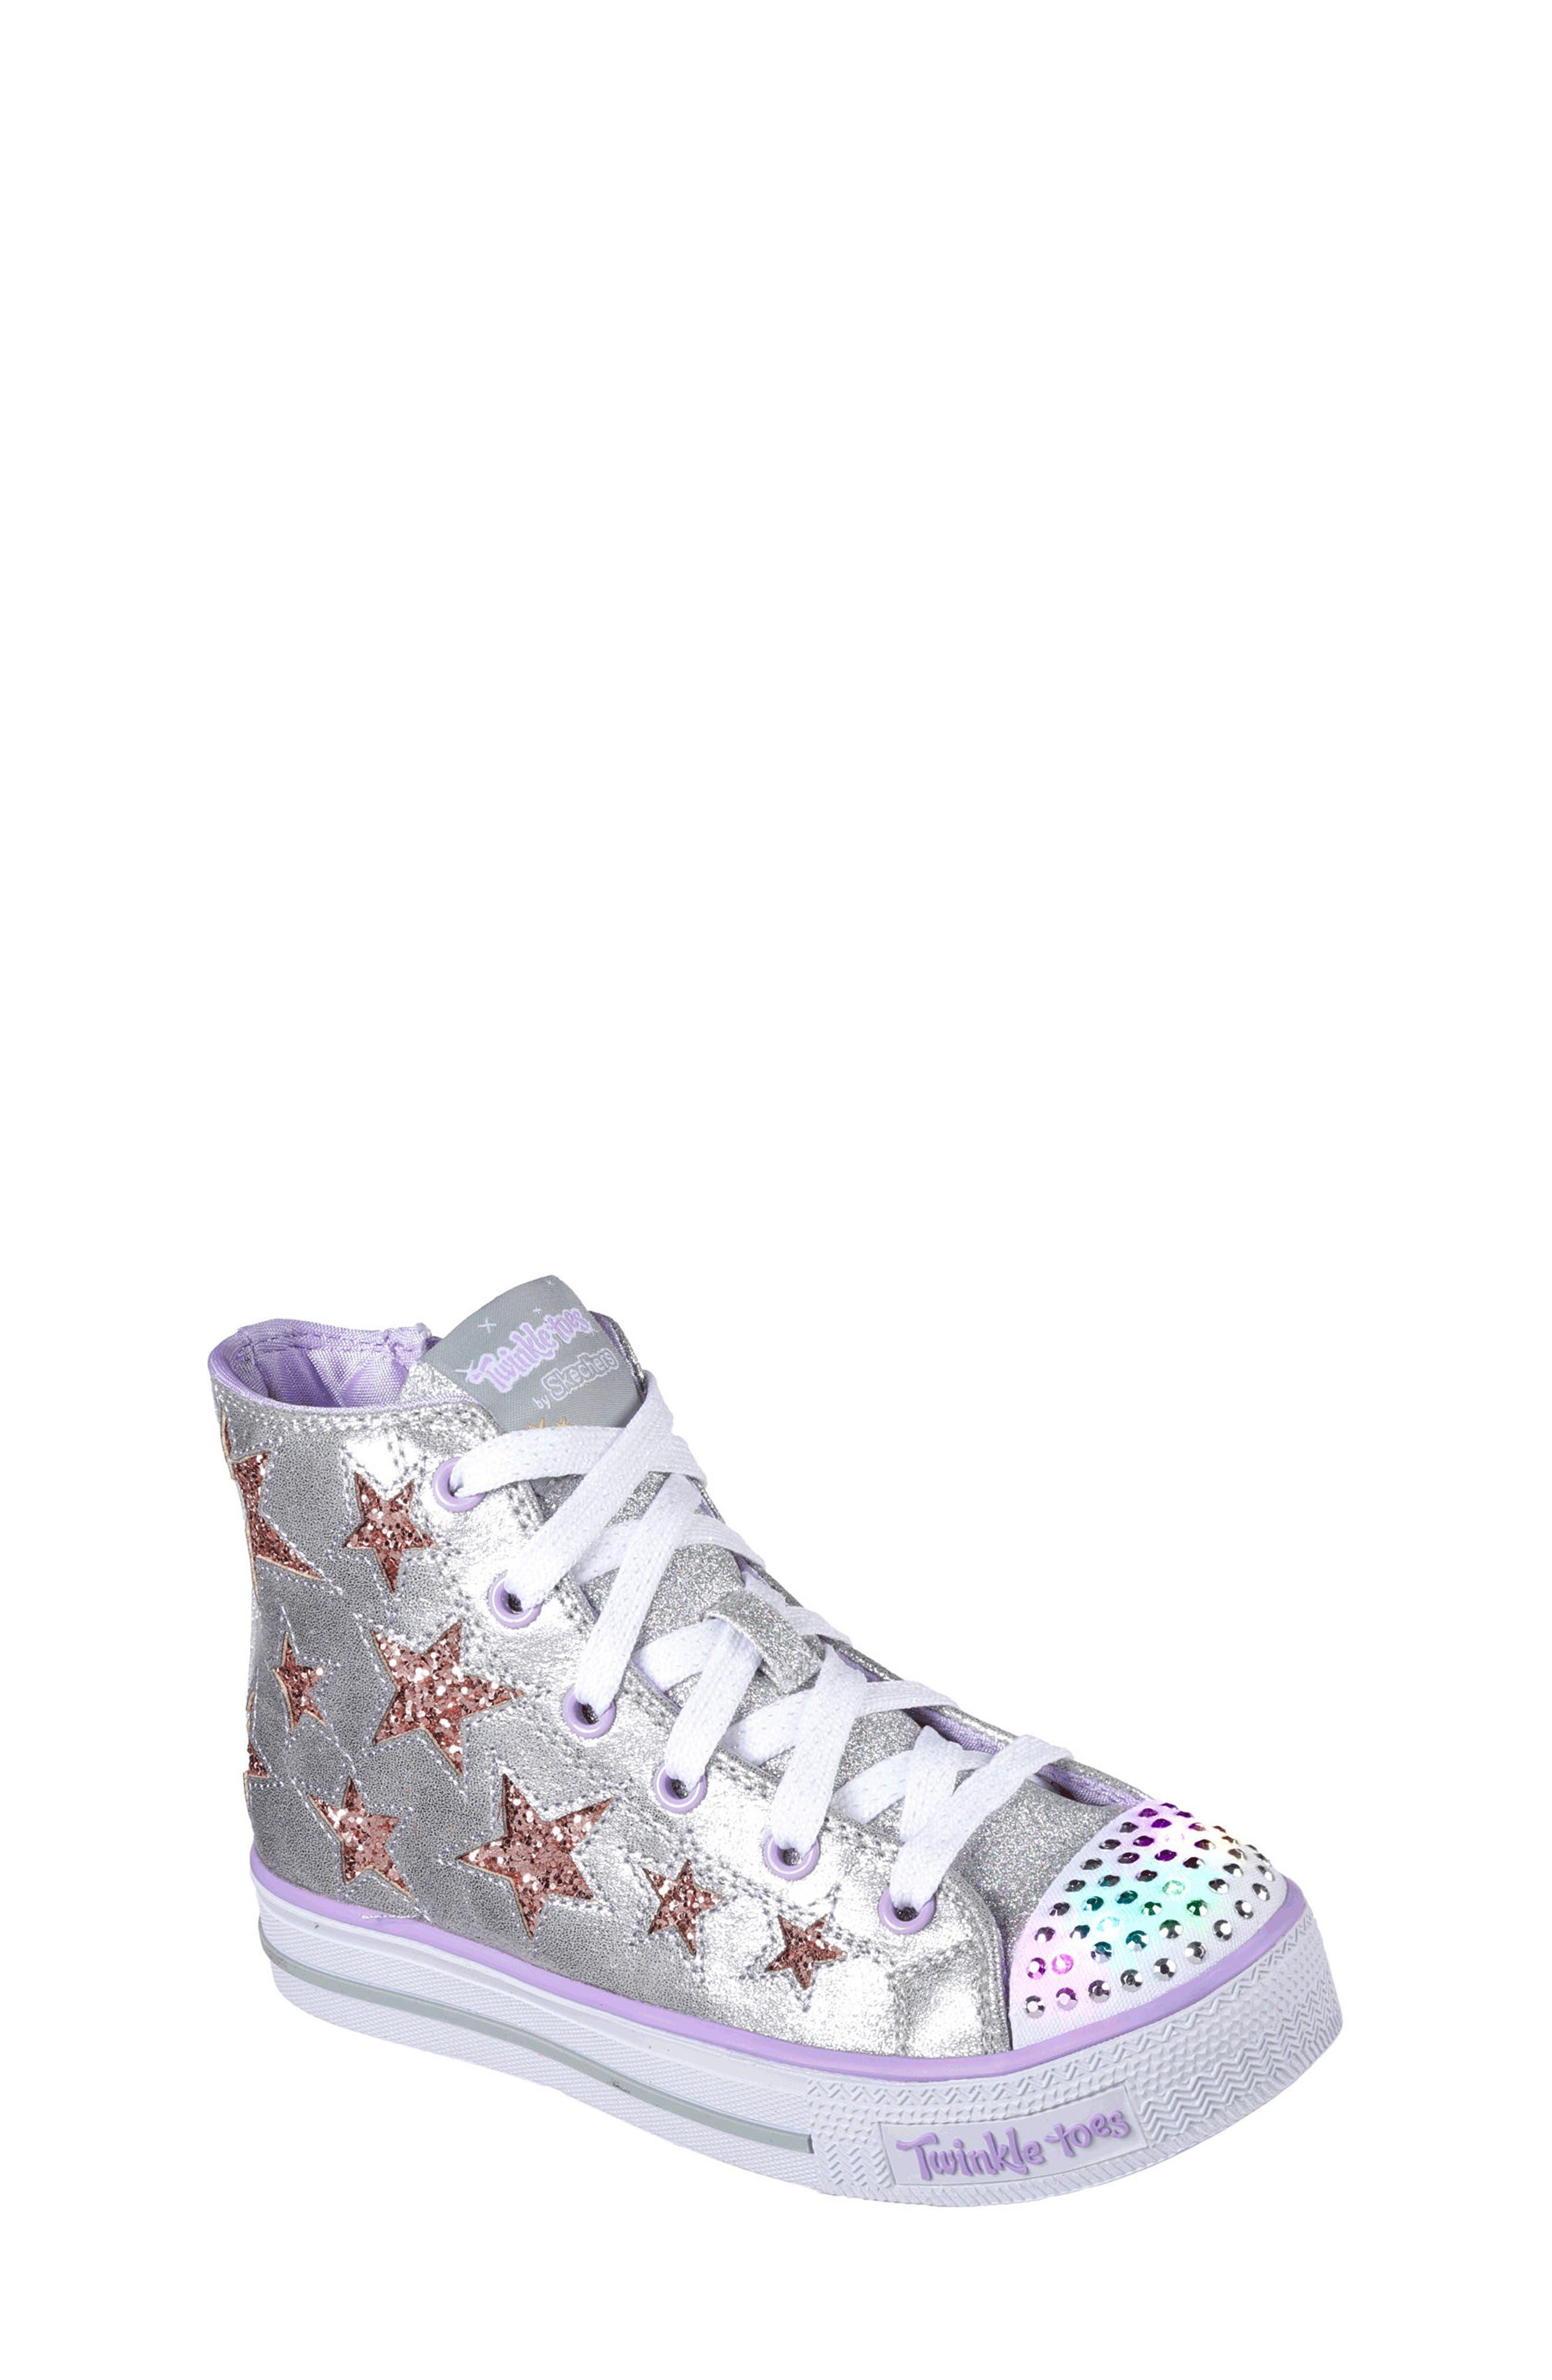 Shuffles Glitter Light-Up Sneaker,                             Alternate thumbnail 2, color,                             Silver/ Lavender